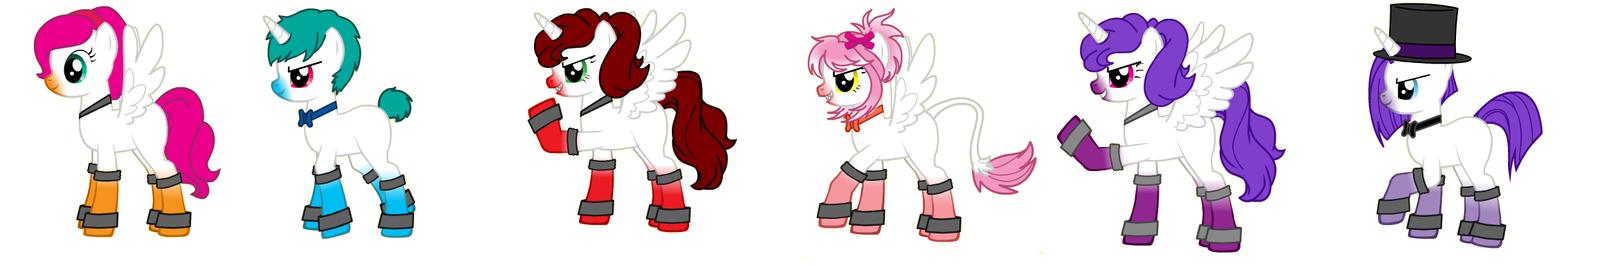 Fnaf SL ponies by IloveFNAFandsonic